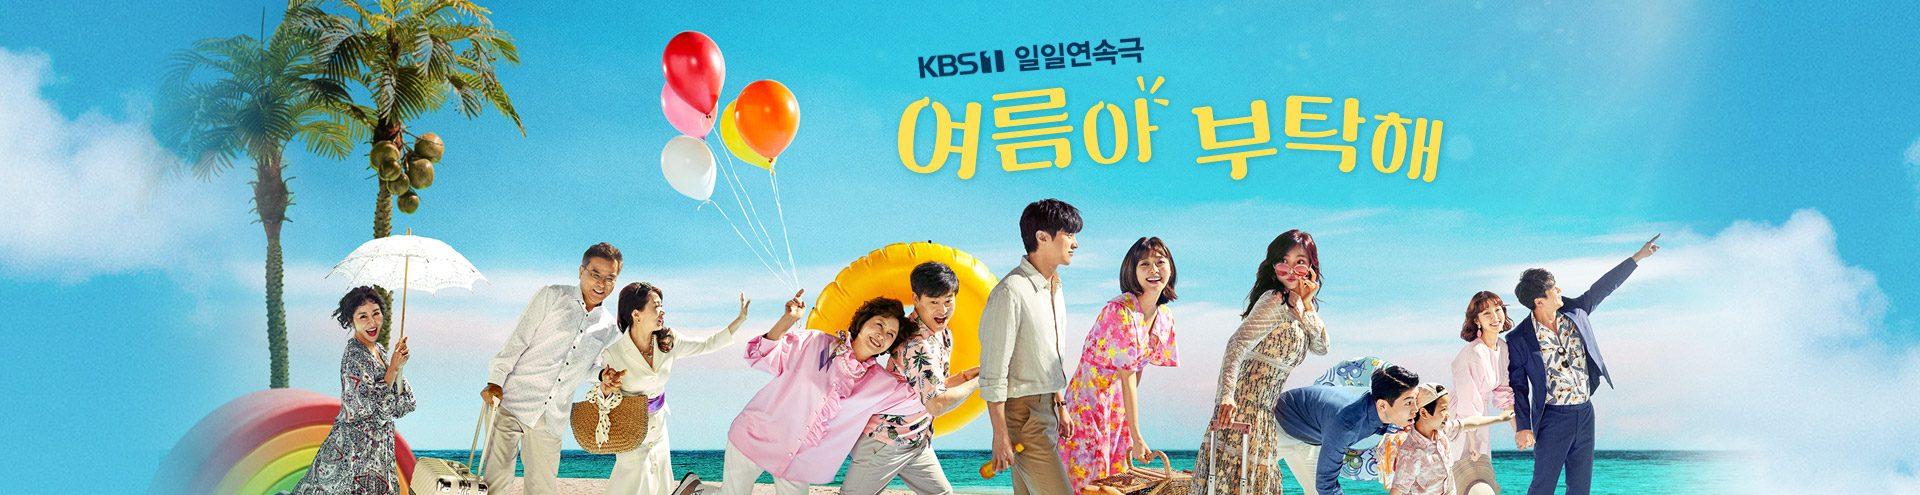 한국 TV 뭐볼까?